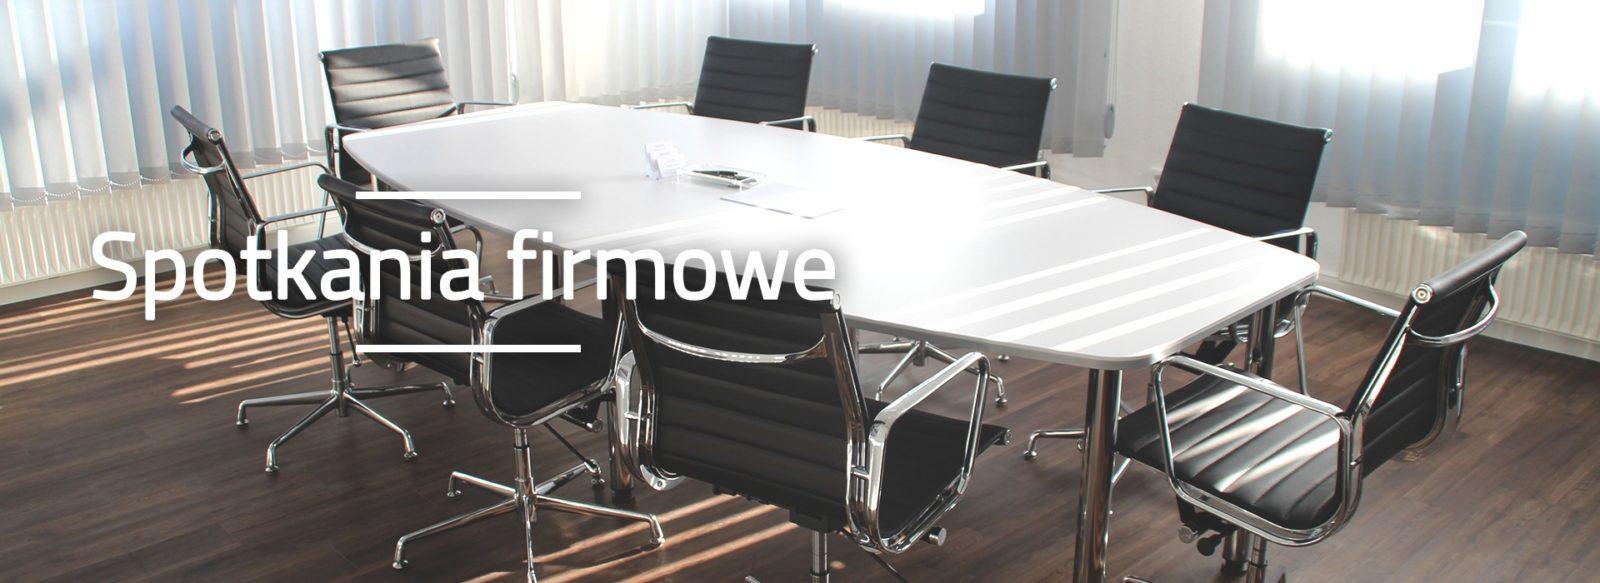 spotkania firmowe